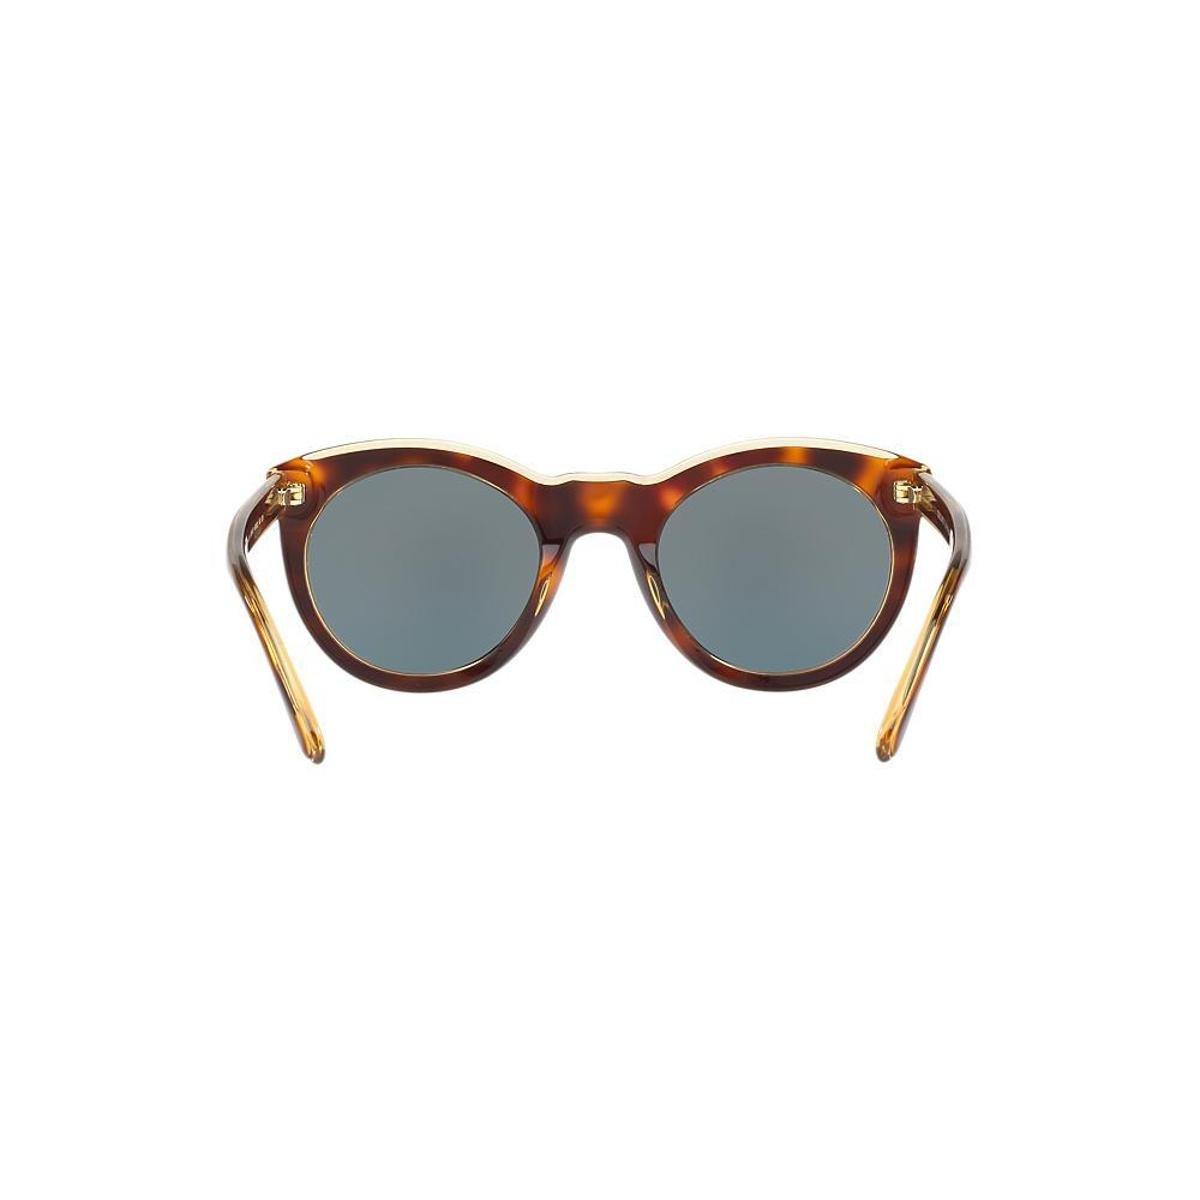 Óculos de Sol Polo Ralph Lauren Redondo PH4124 Feminino - Compre ... e629f5dd9a